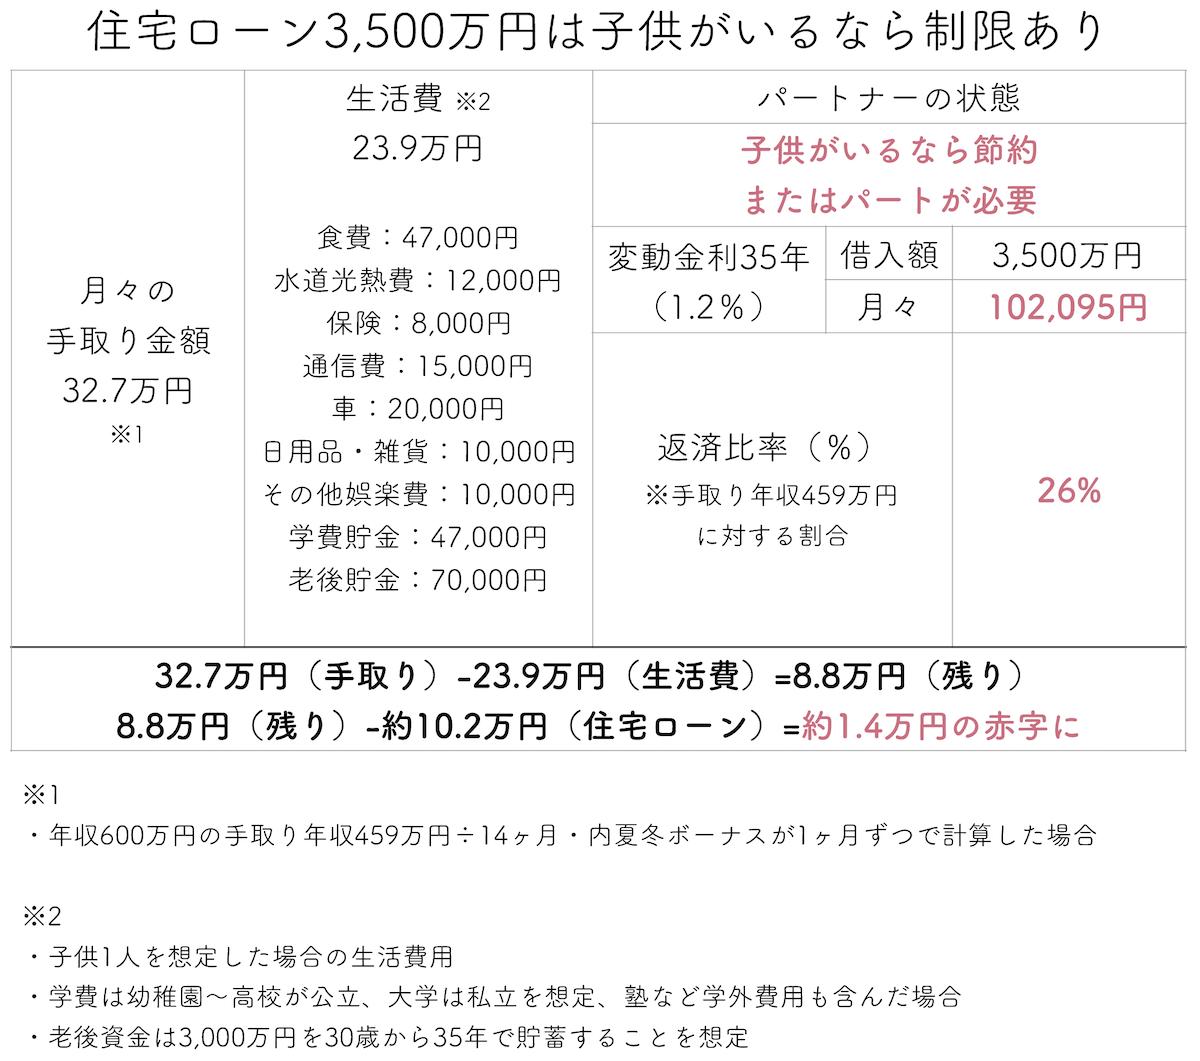 住宅ローン3500万円は子供がいるなら制限あり